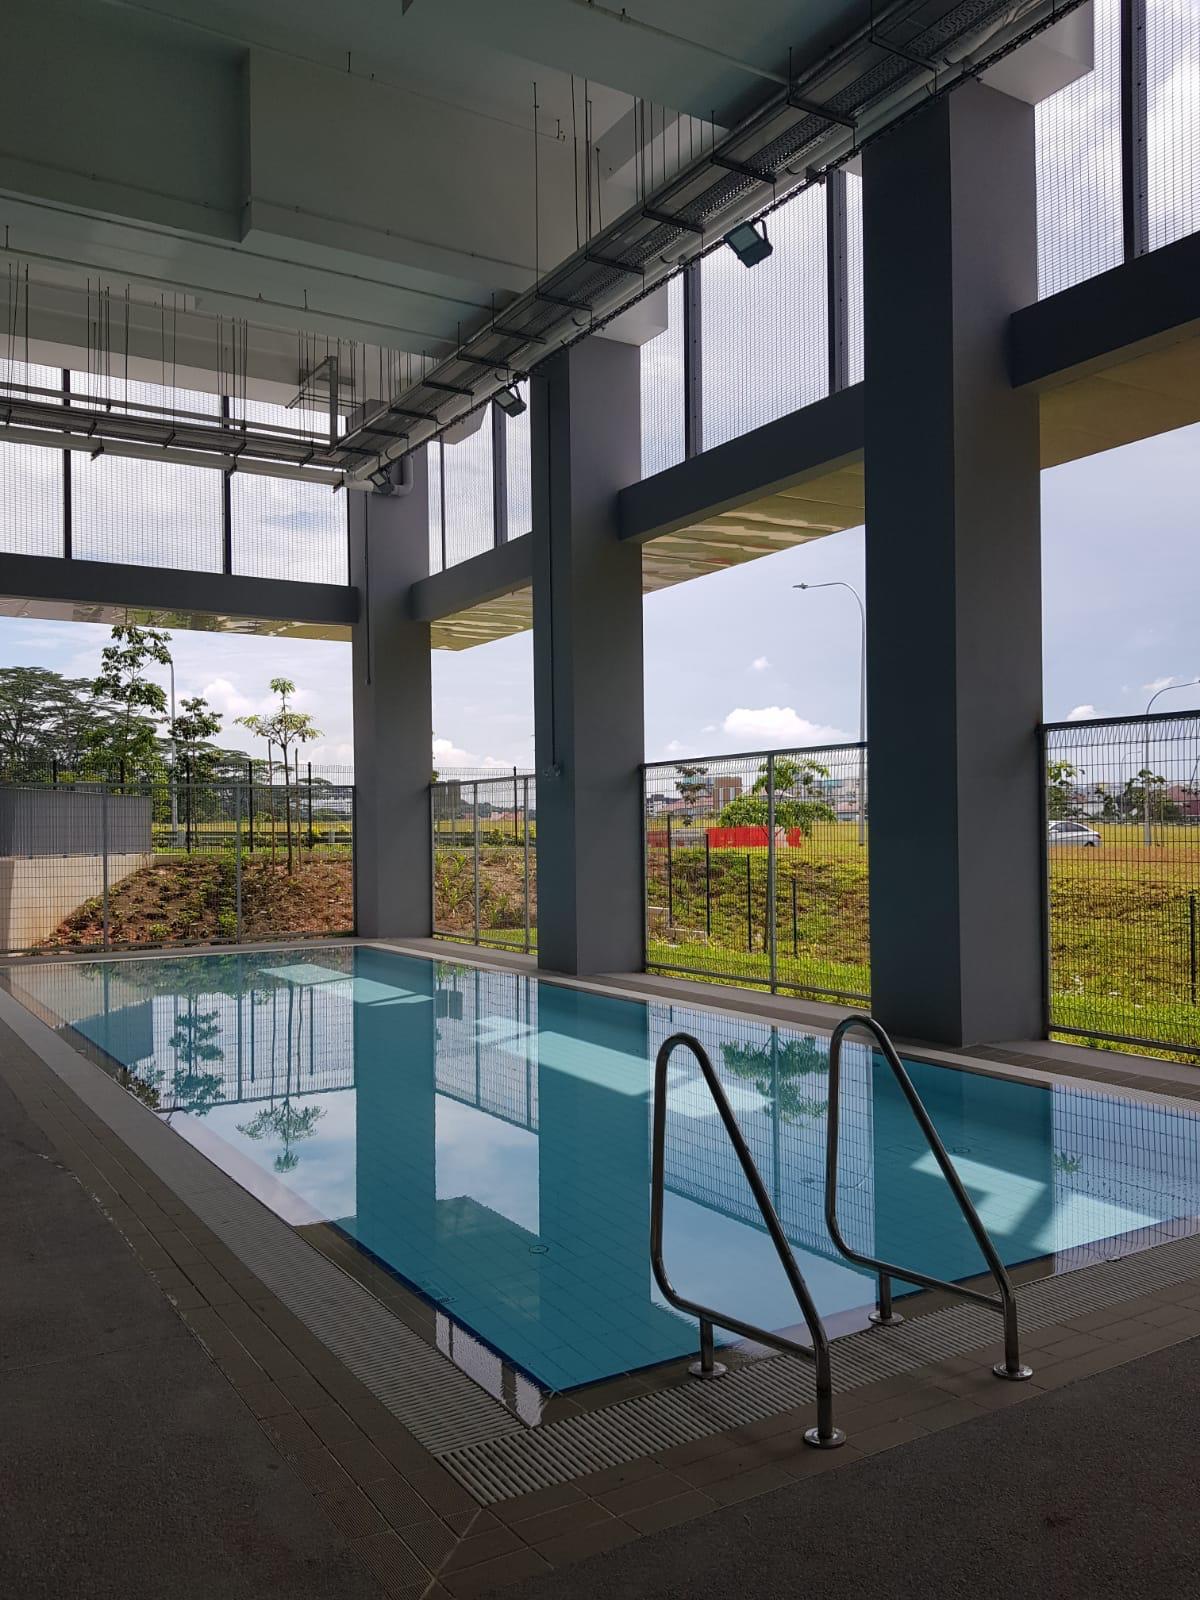 German European School Singapore – SpeediSwim Aquatic Centre